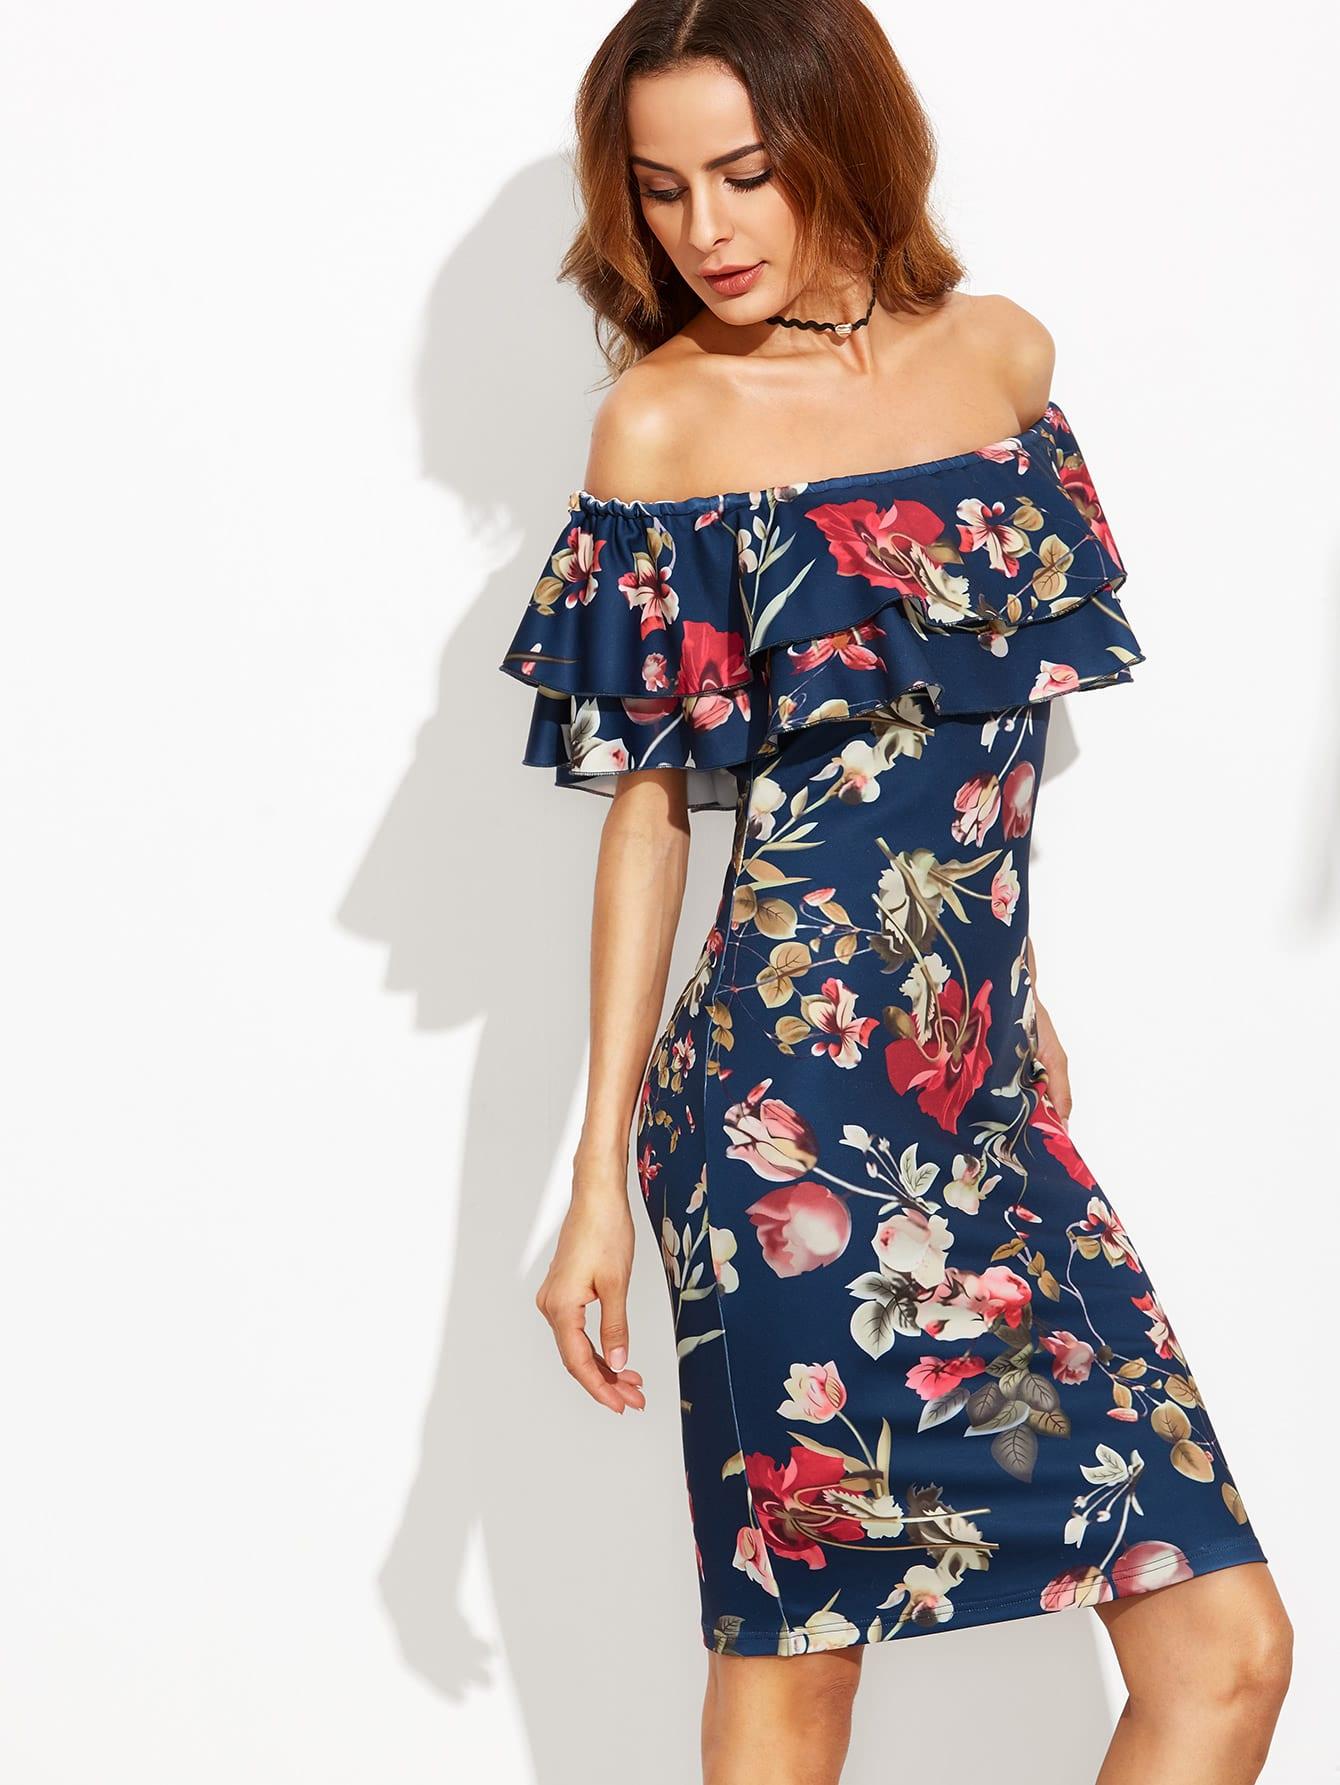 dress160808506_1